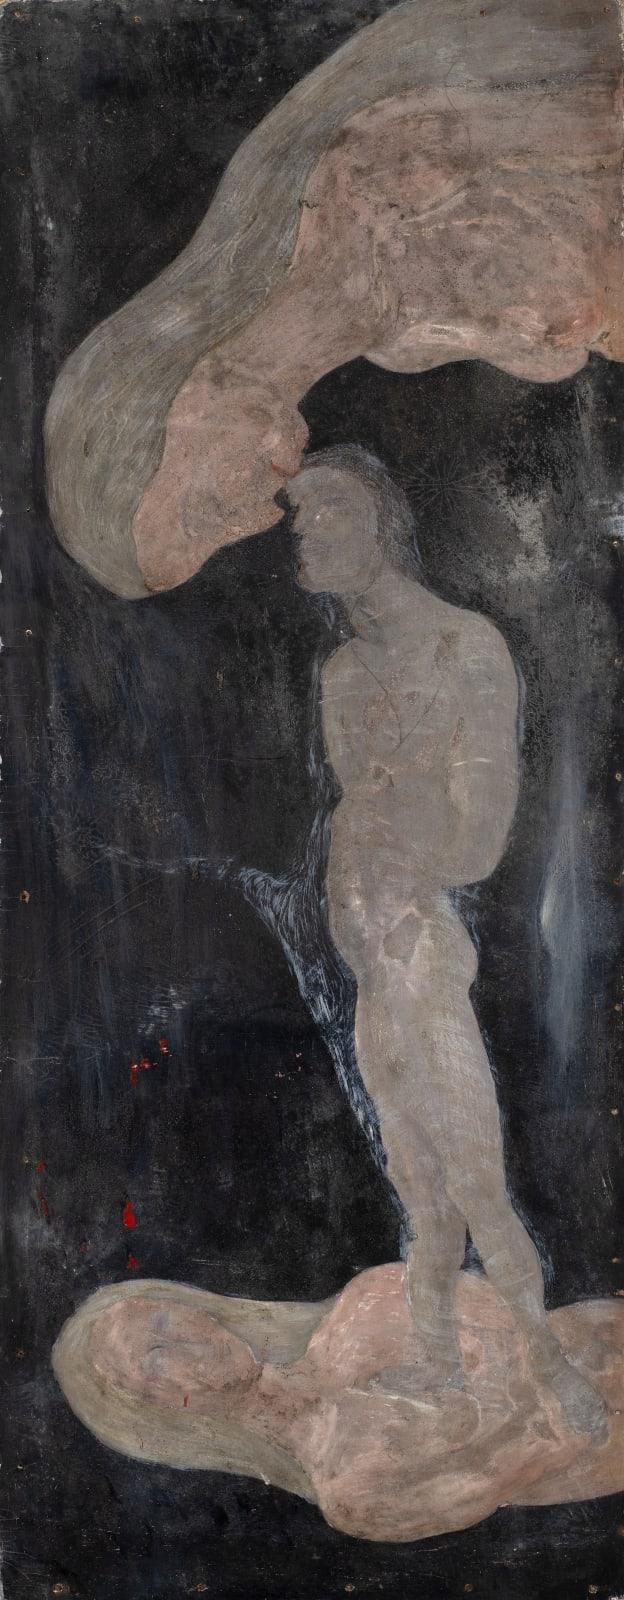 Gustav Metzger Untitled, c.1945-47 Oil on board 121 x 47cm. The Gustav Metzger Foundation